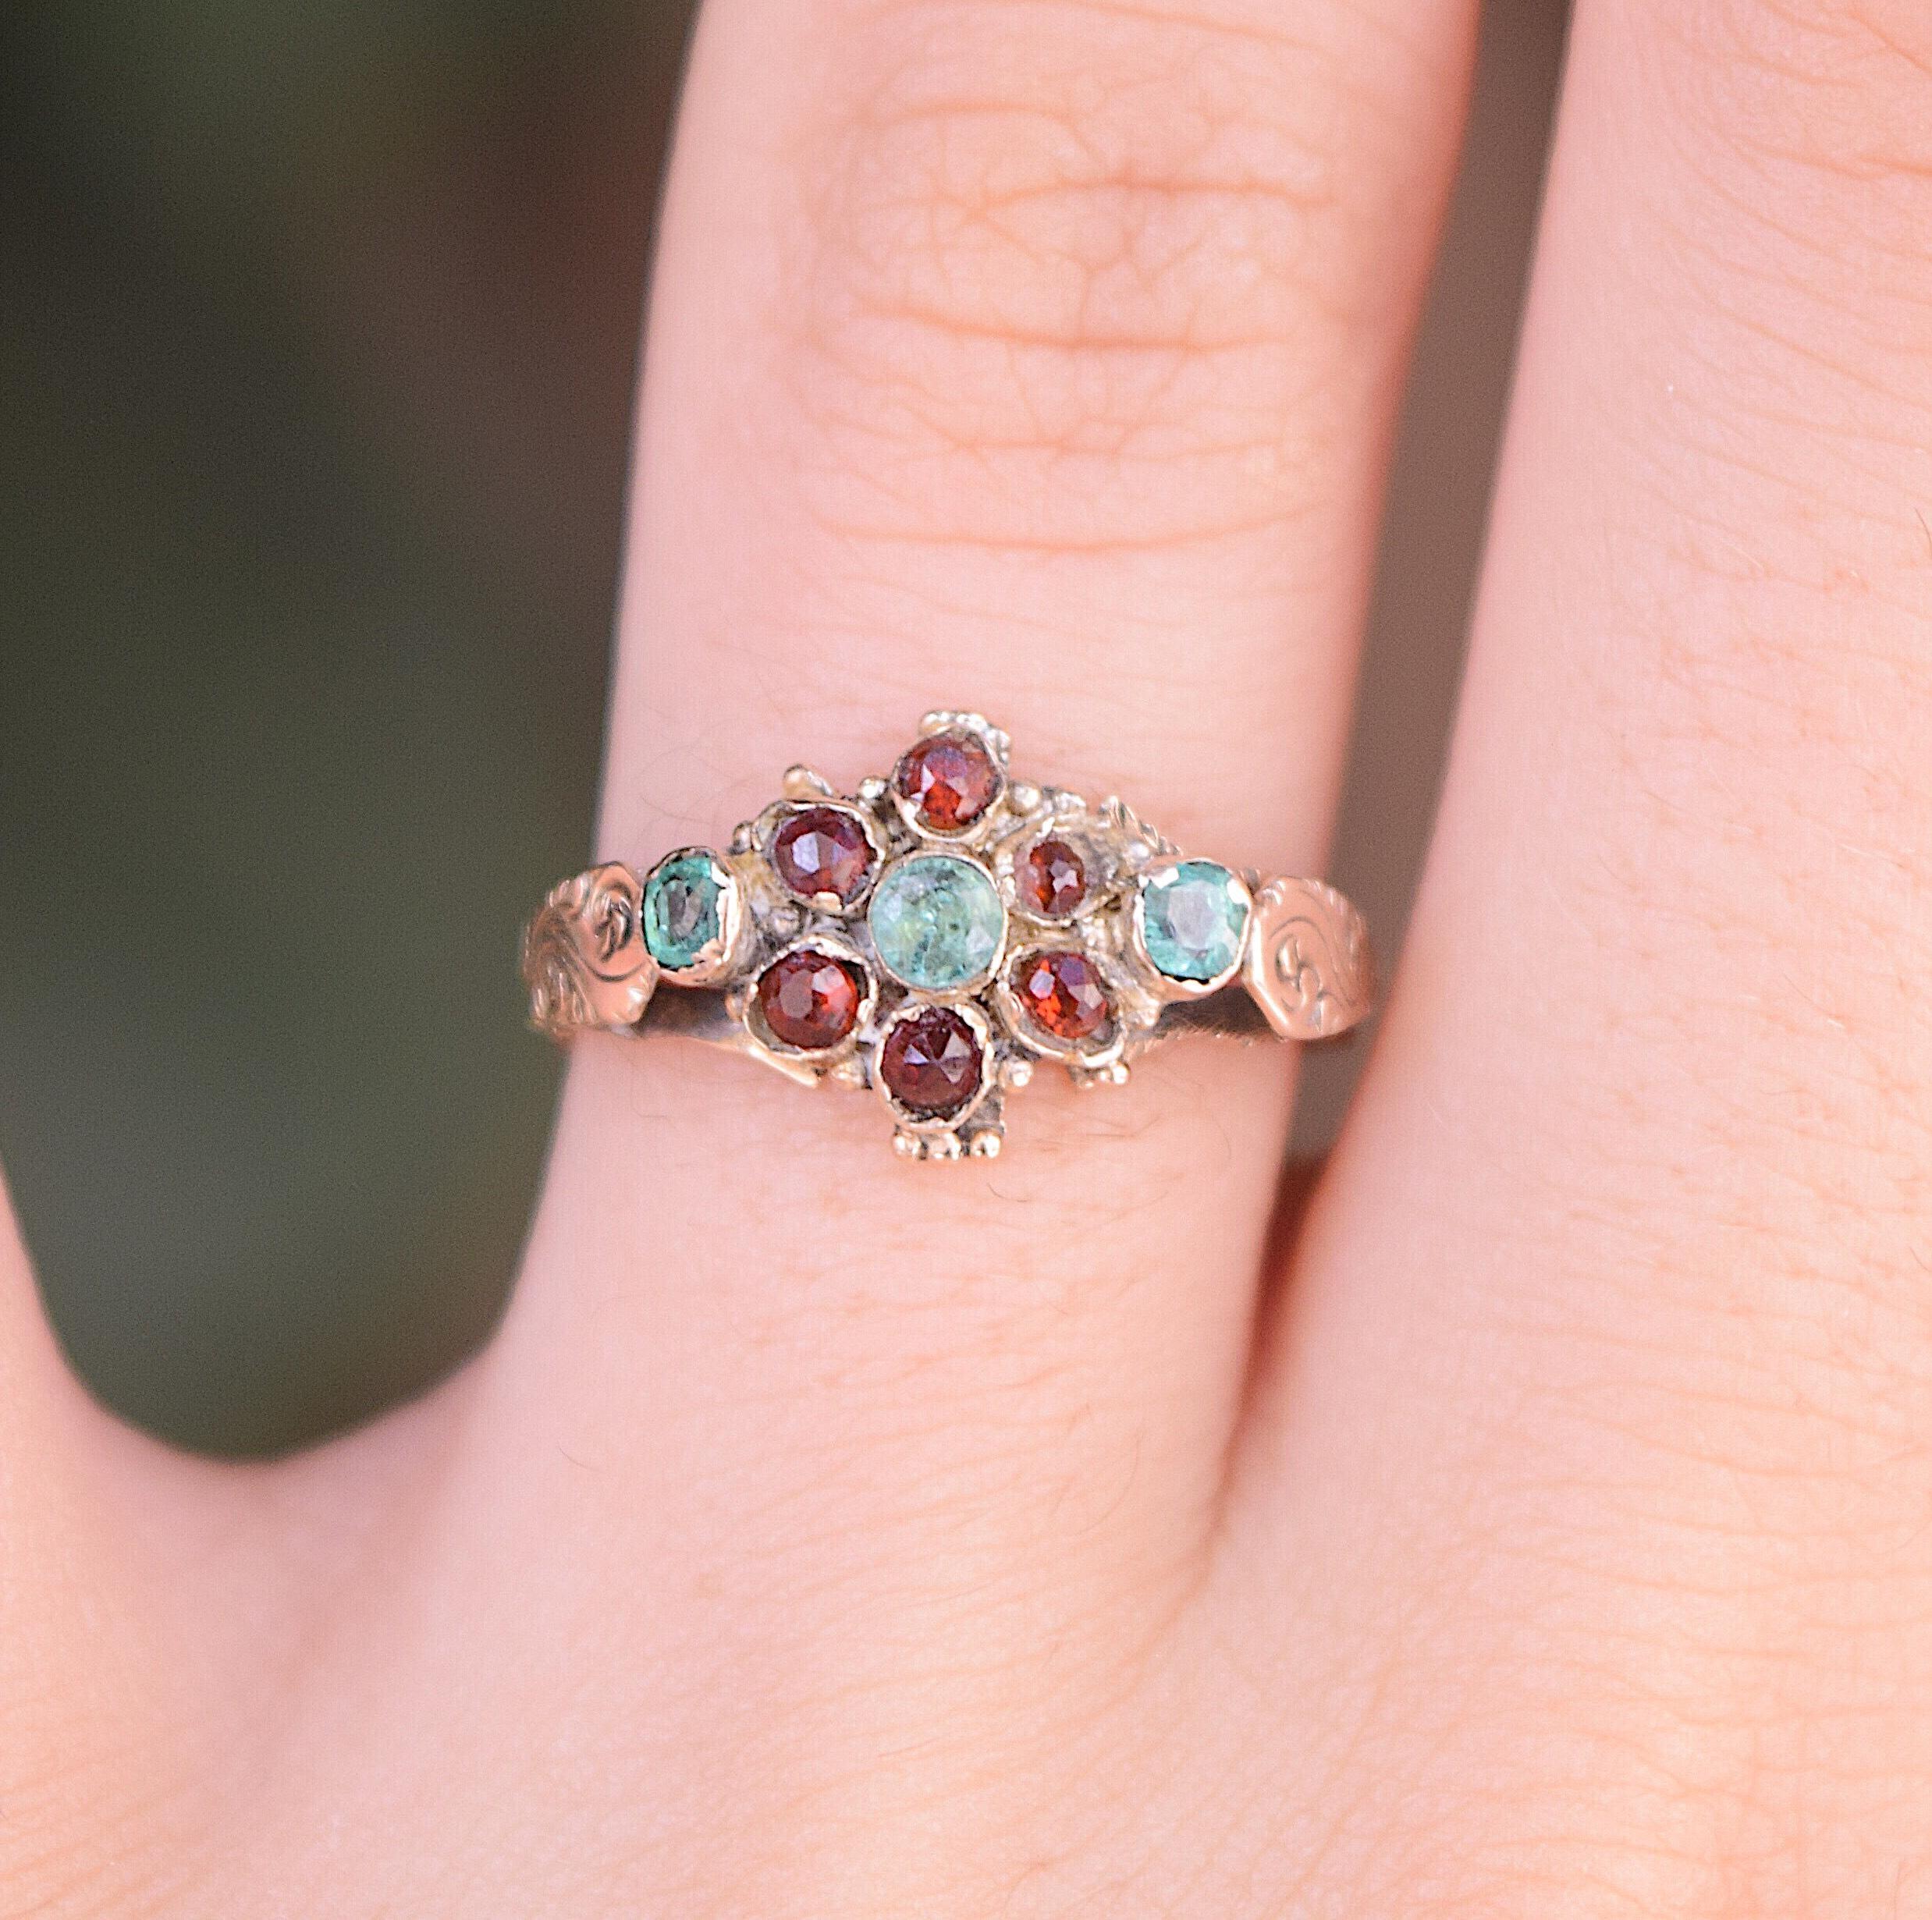 טבעת עתיקה ויקטוריאנית , זהב 12k גרנט ואמרלד.